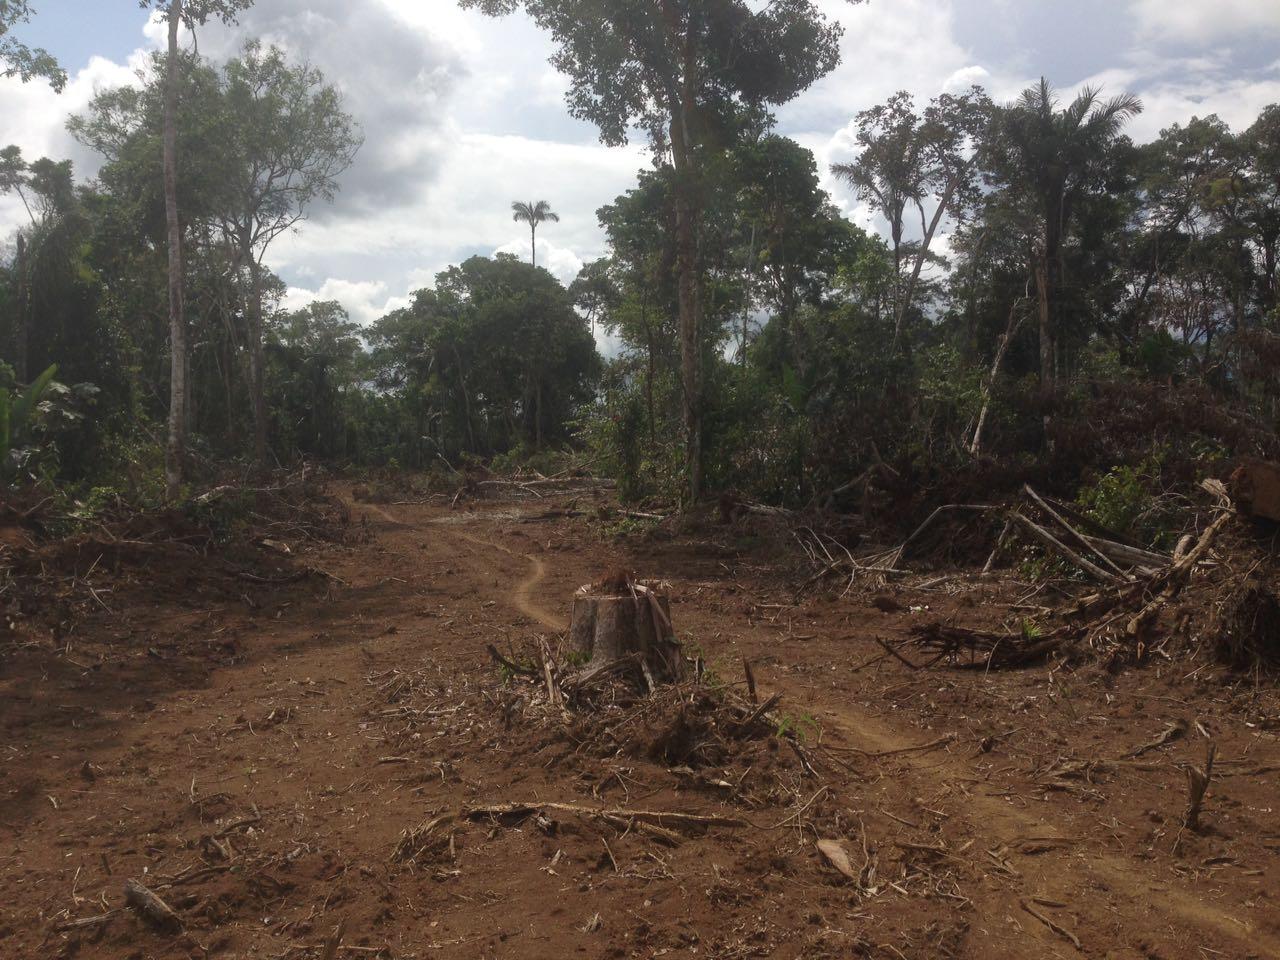 El posacuerdo le está quitando árboles al Amazonas